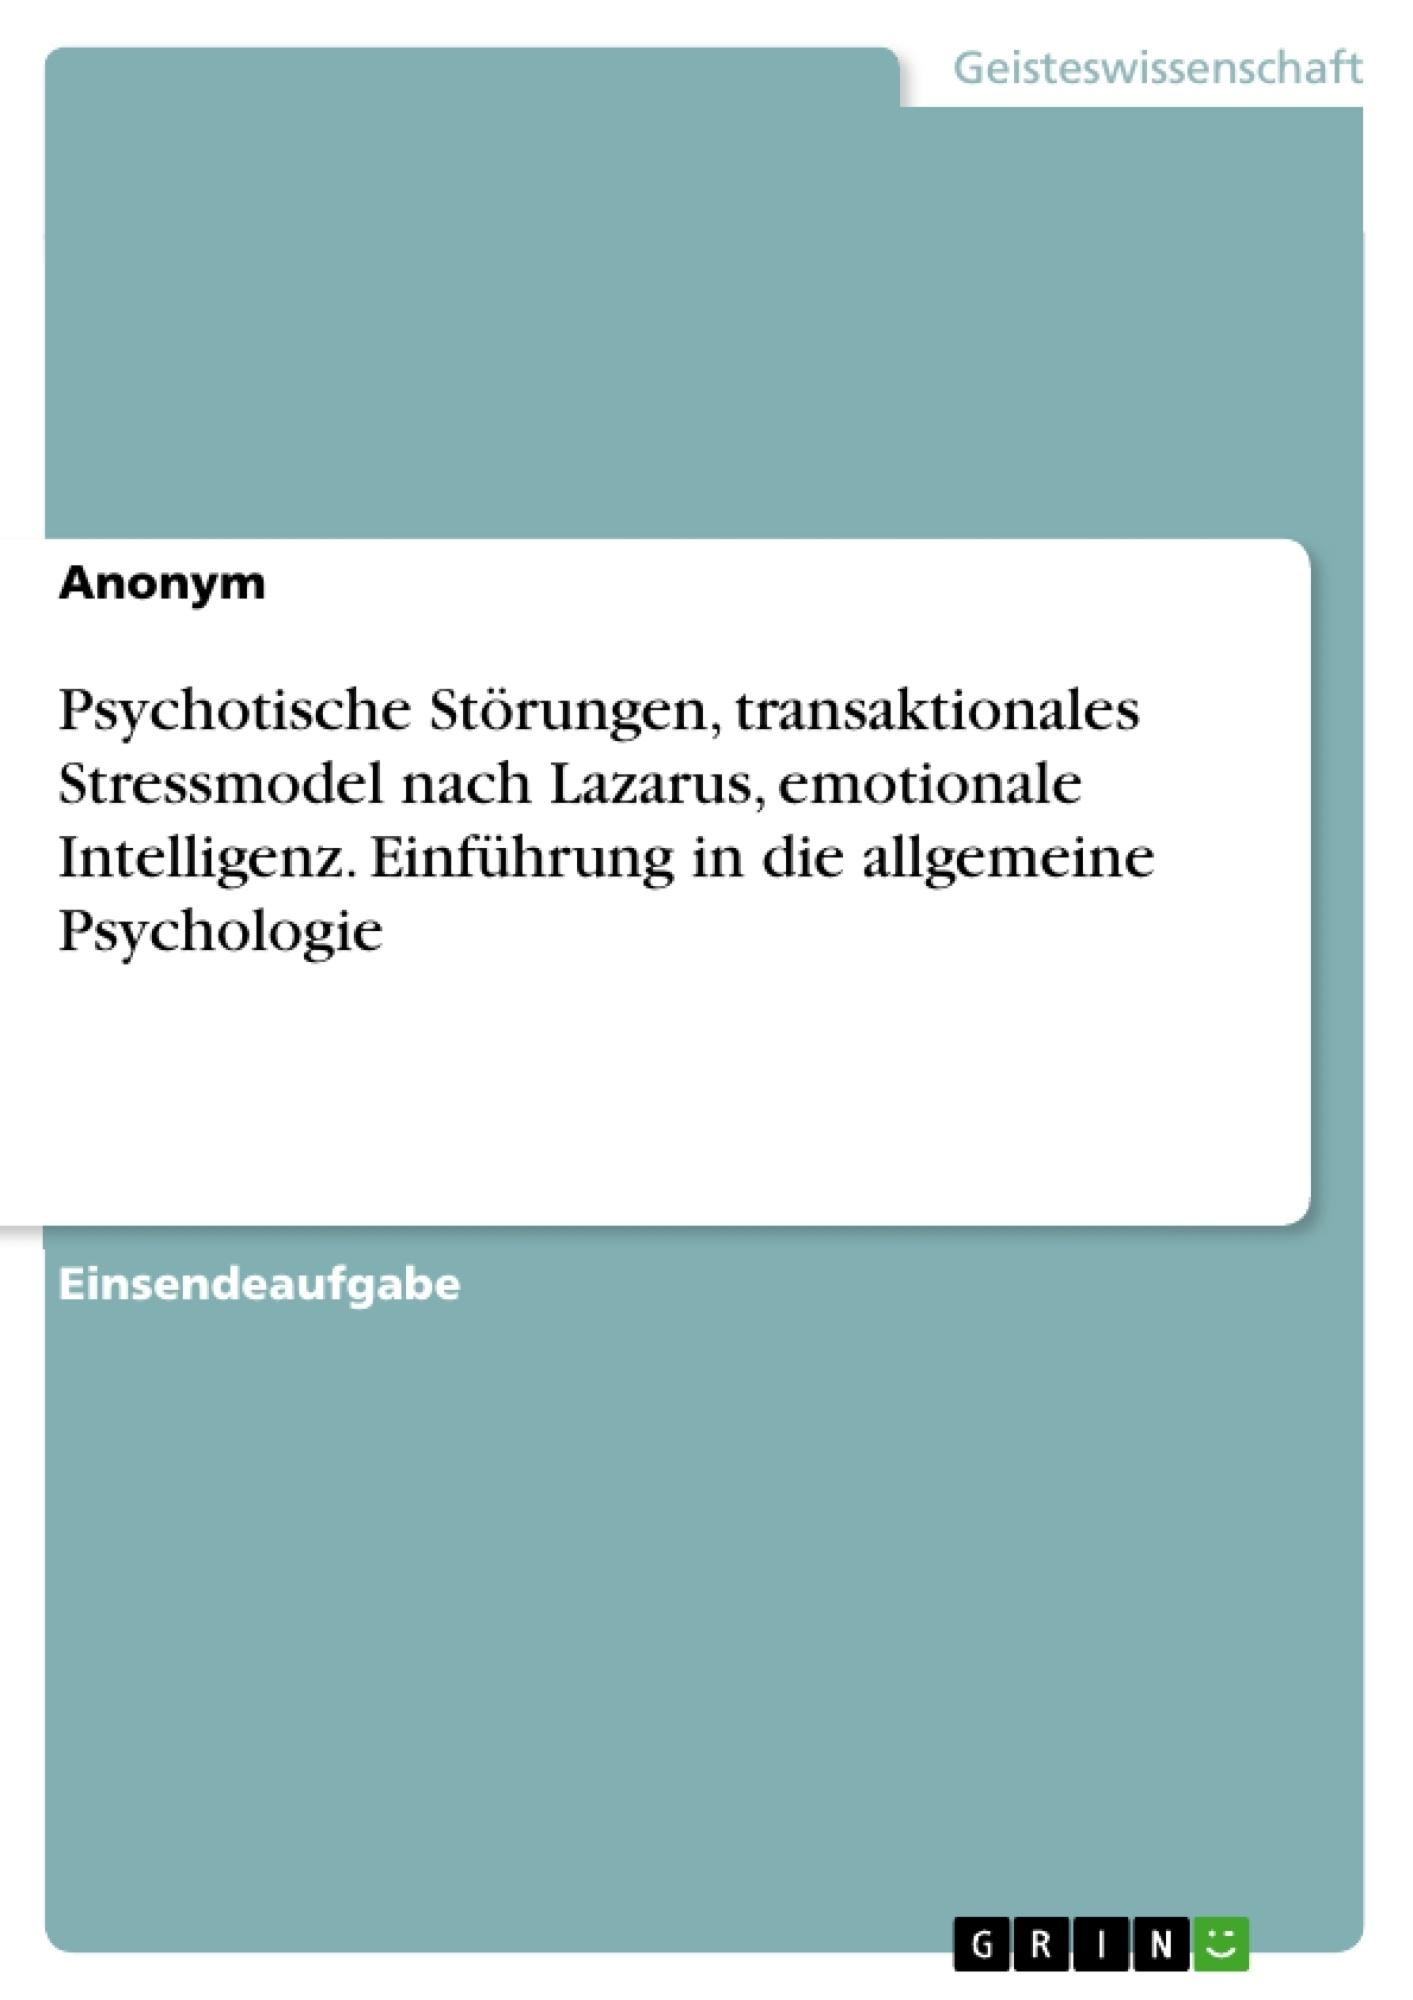 Titel: Psychotische Störungen, transaktionales Stressmodel nach Lazarus, emotionale Intelligenz. Einführung in die allgemeine Psychologie